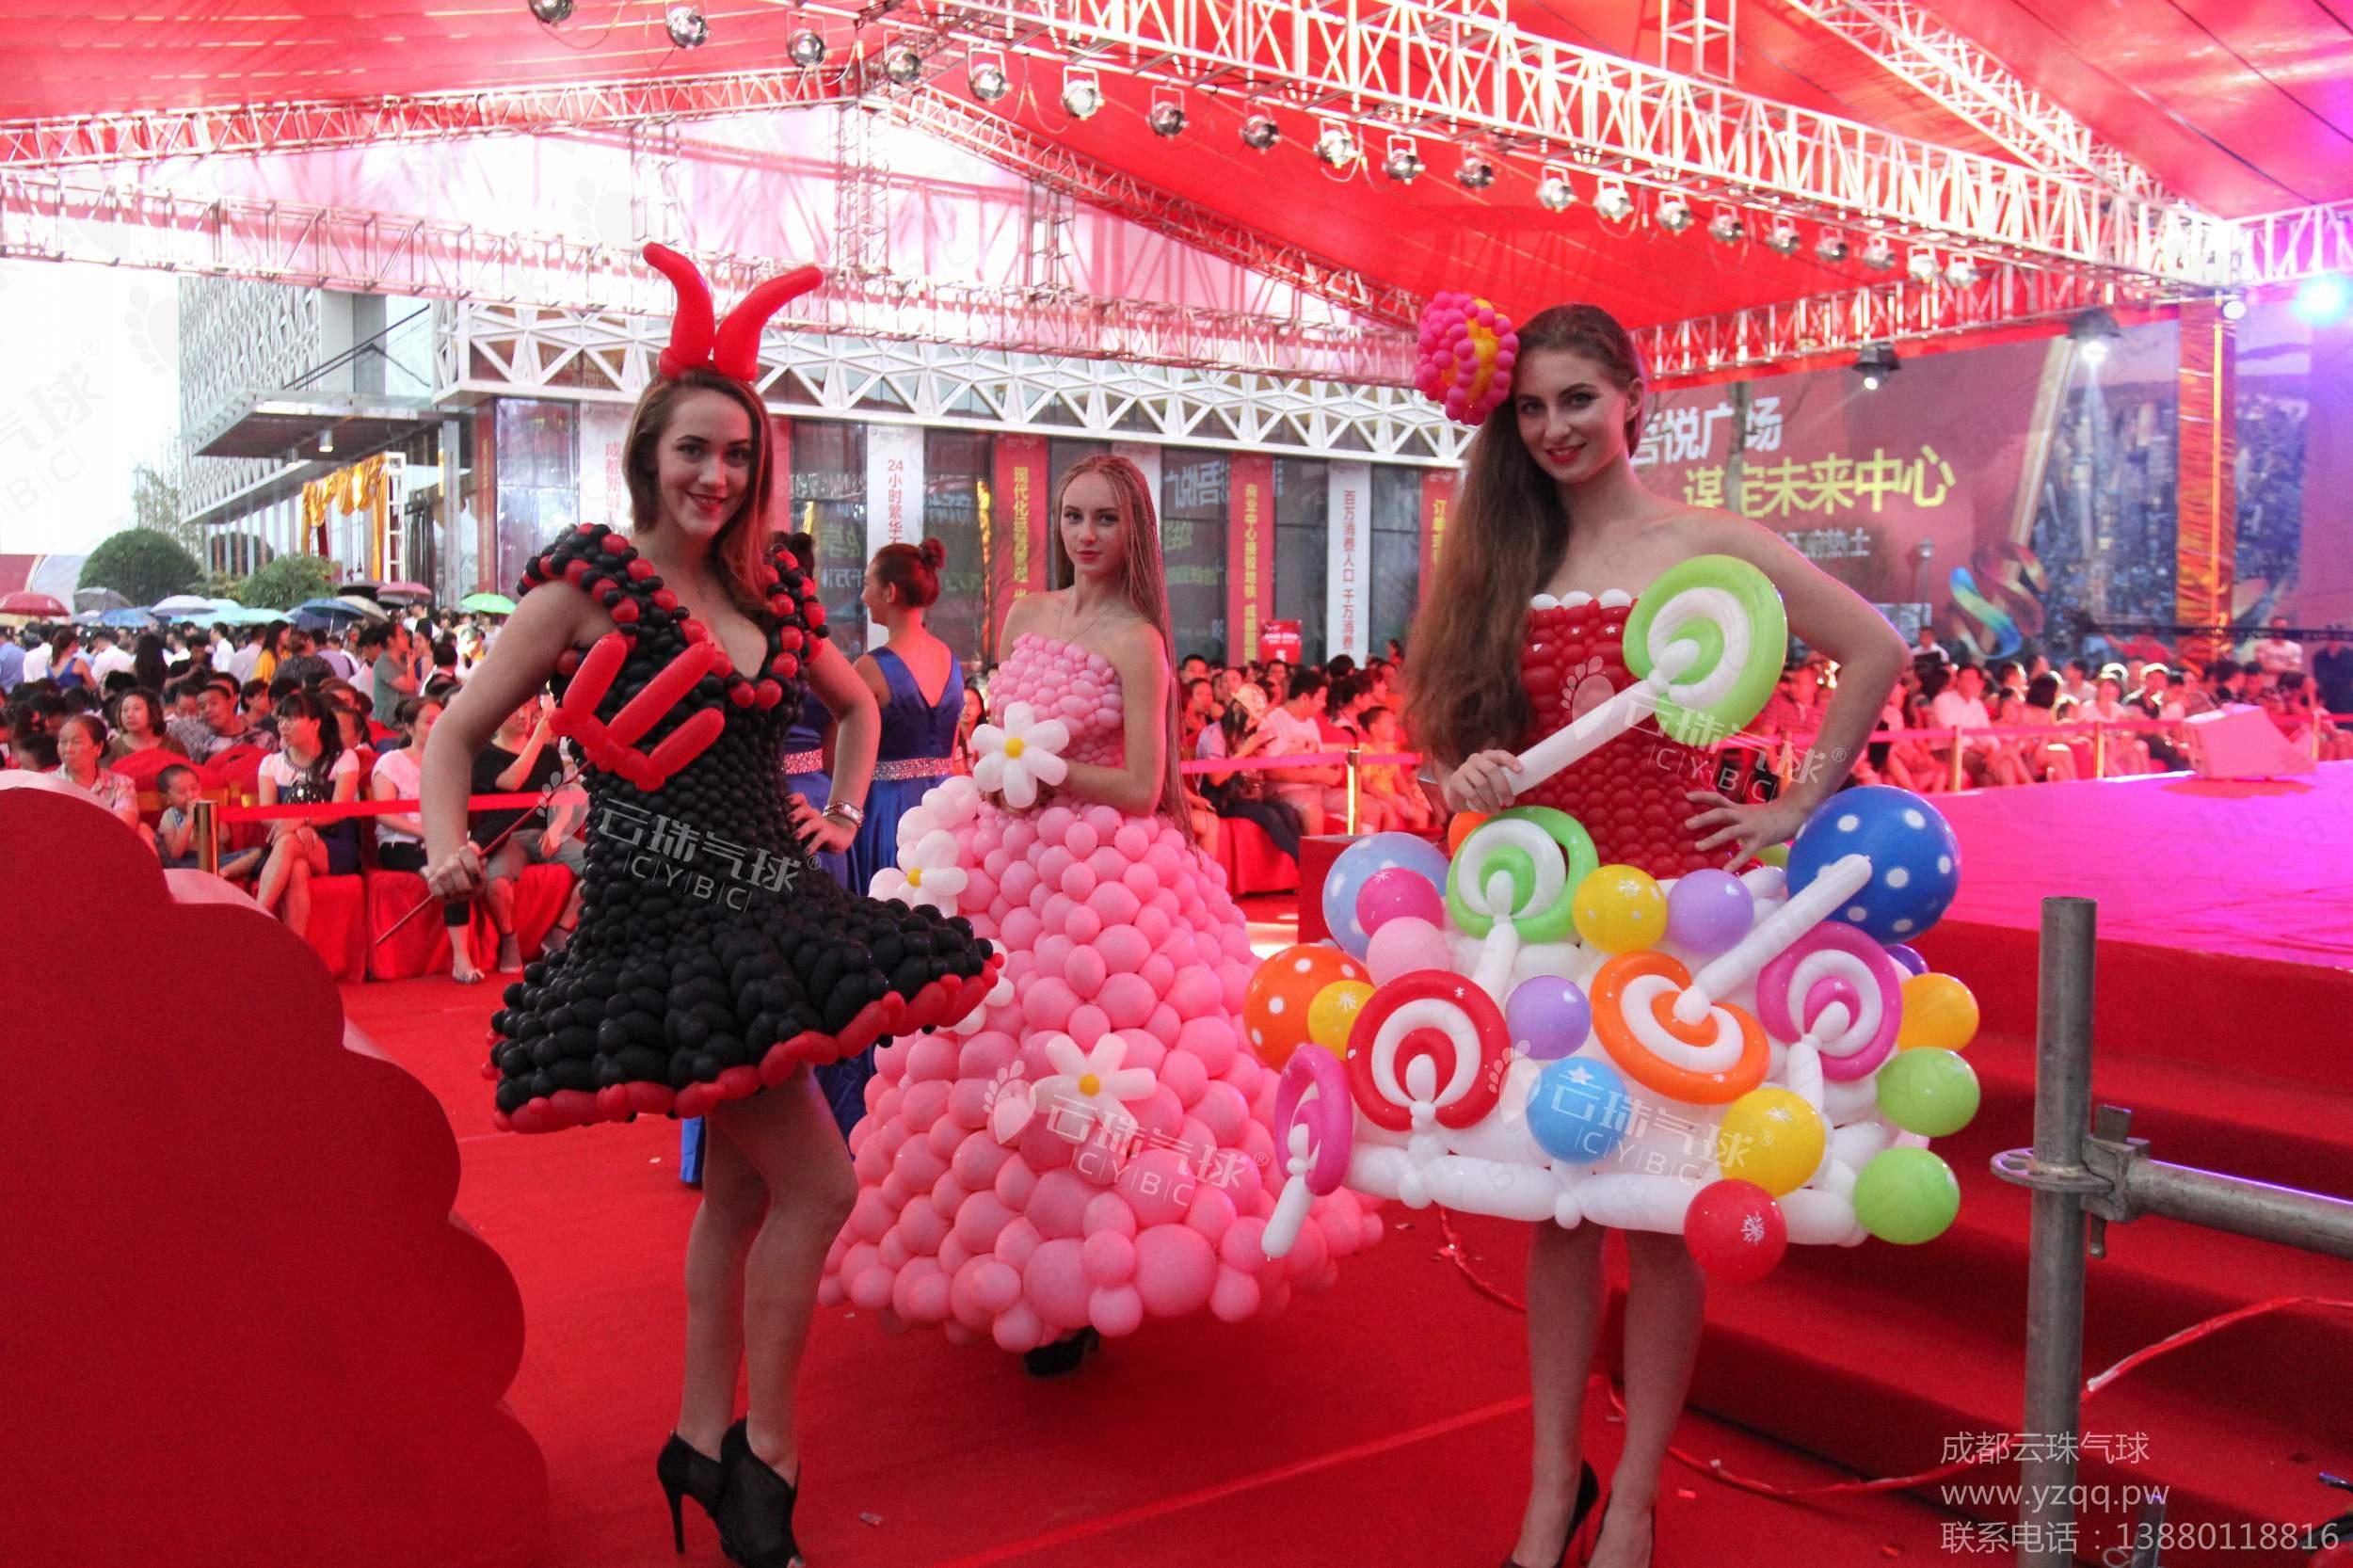 供应气球时装秀/气球服装/气球造型图片